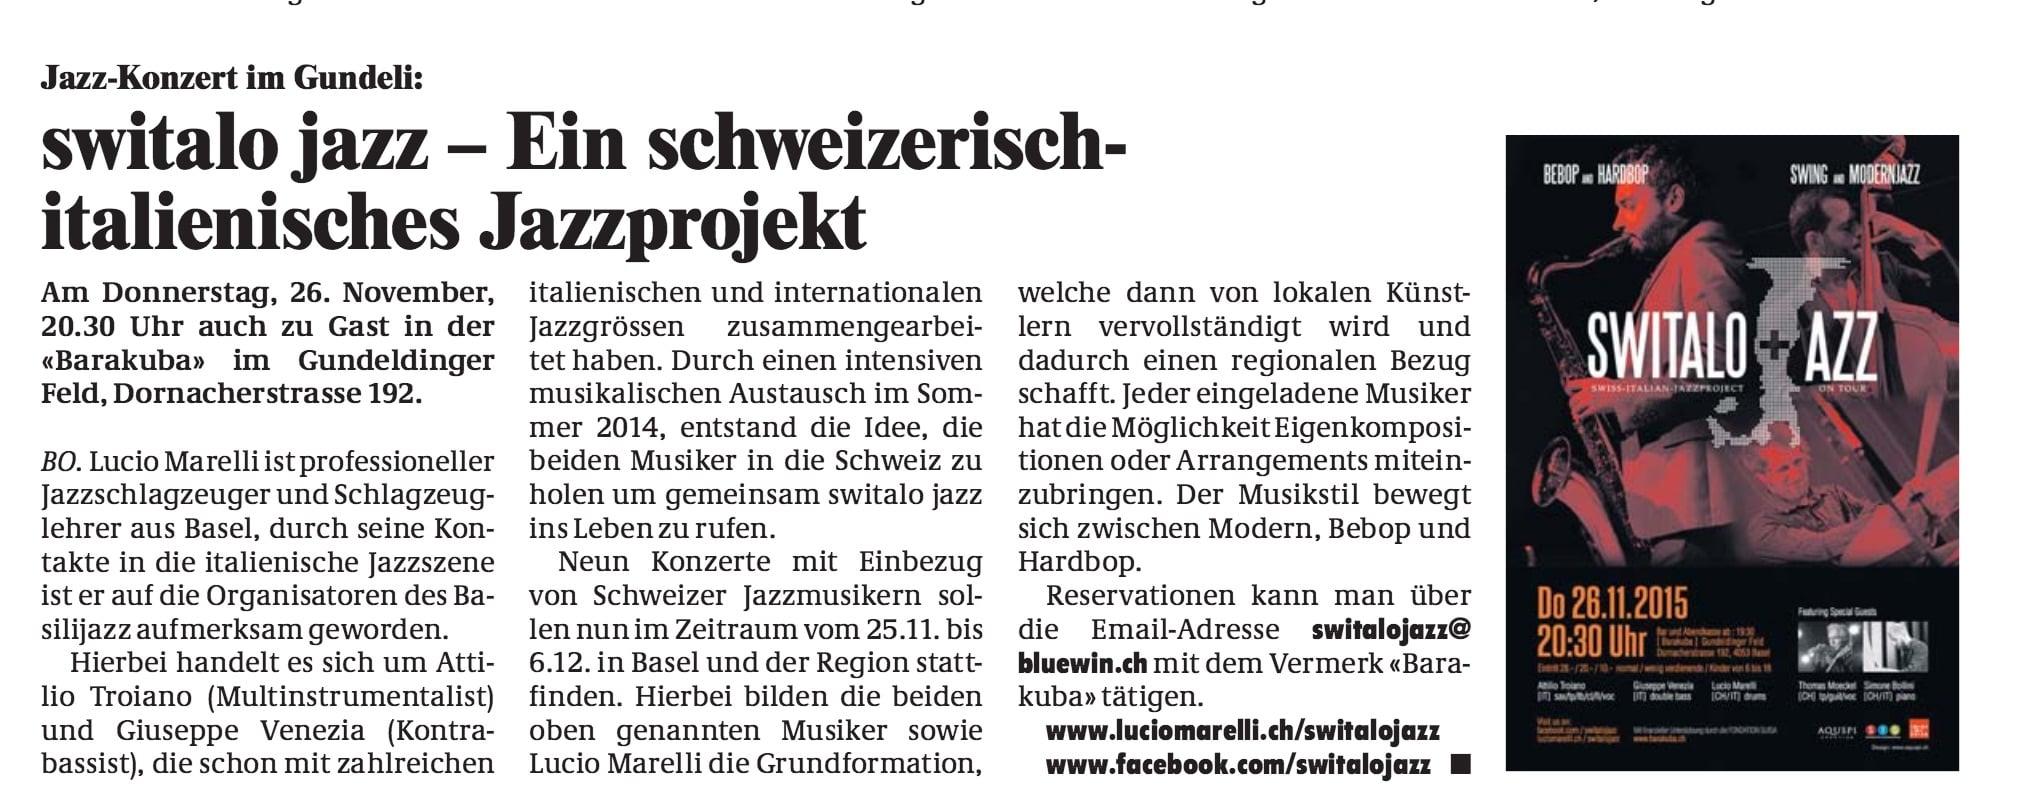 Gundeldinger Zeitung, Nov 2015